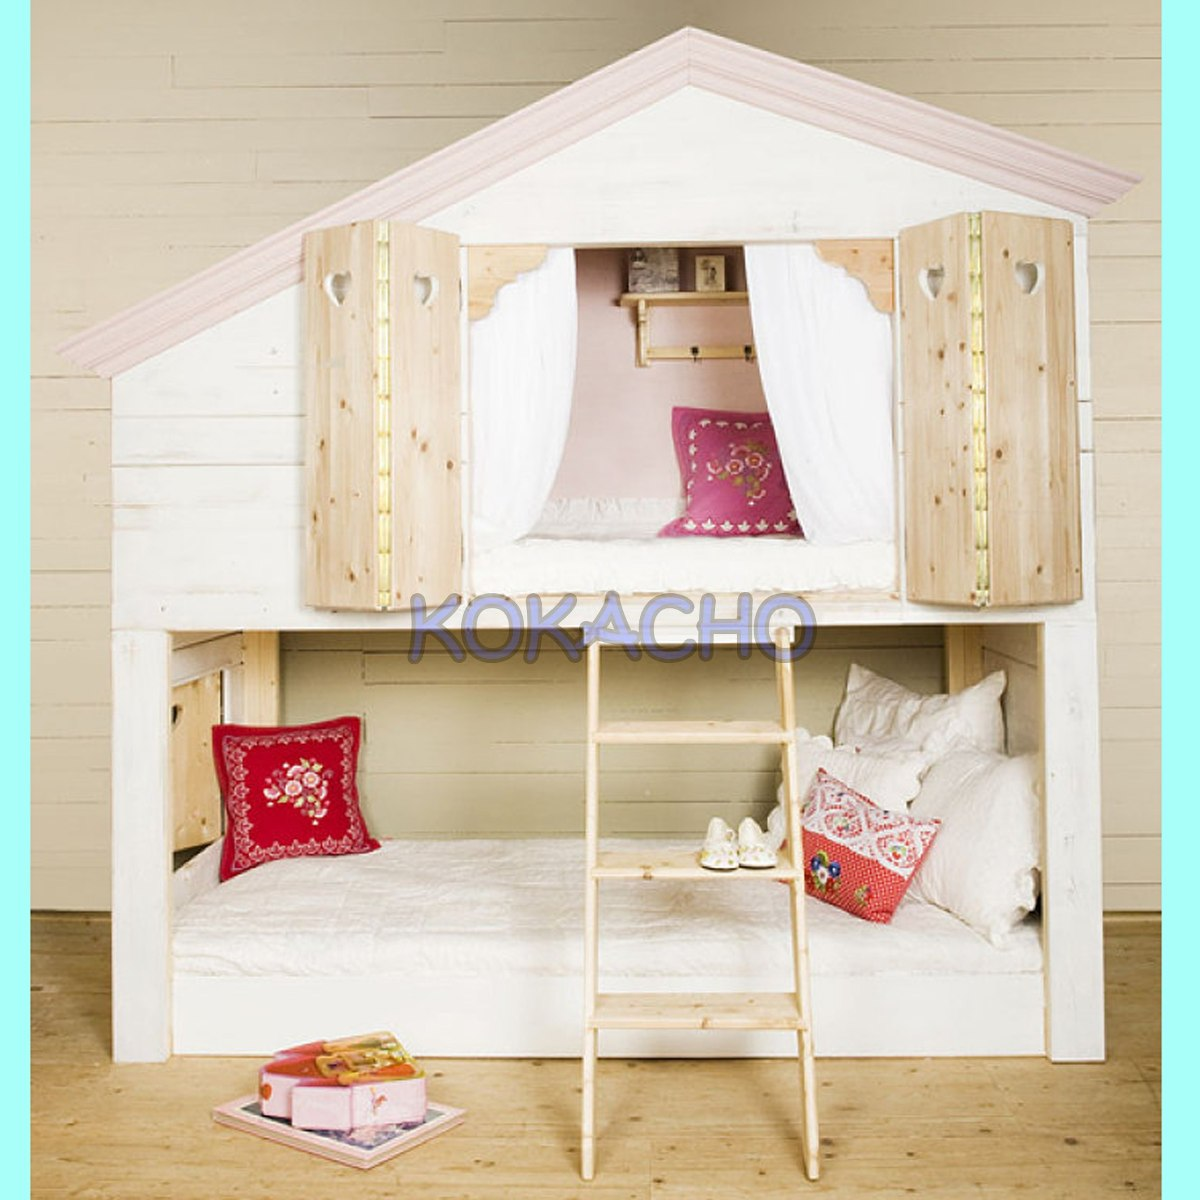 Camas Cuchetas Infantiles Modernas Con Muebles Camas Cuchetas En  # Muebles Cinthia